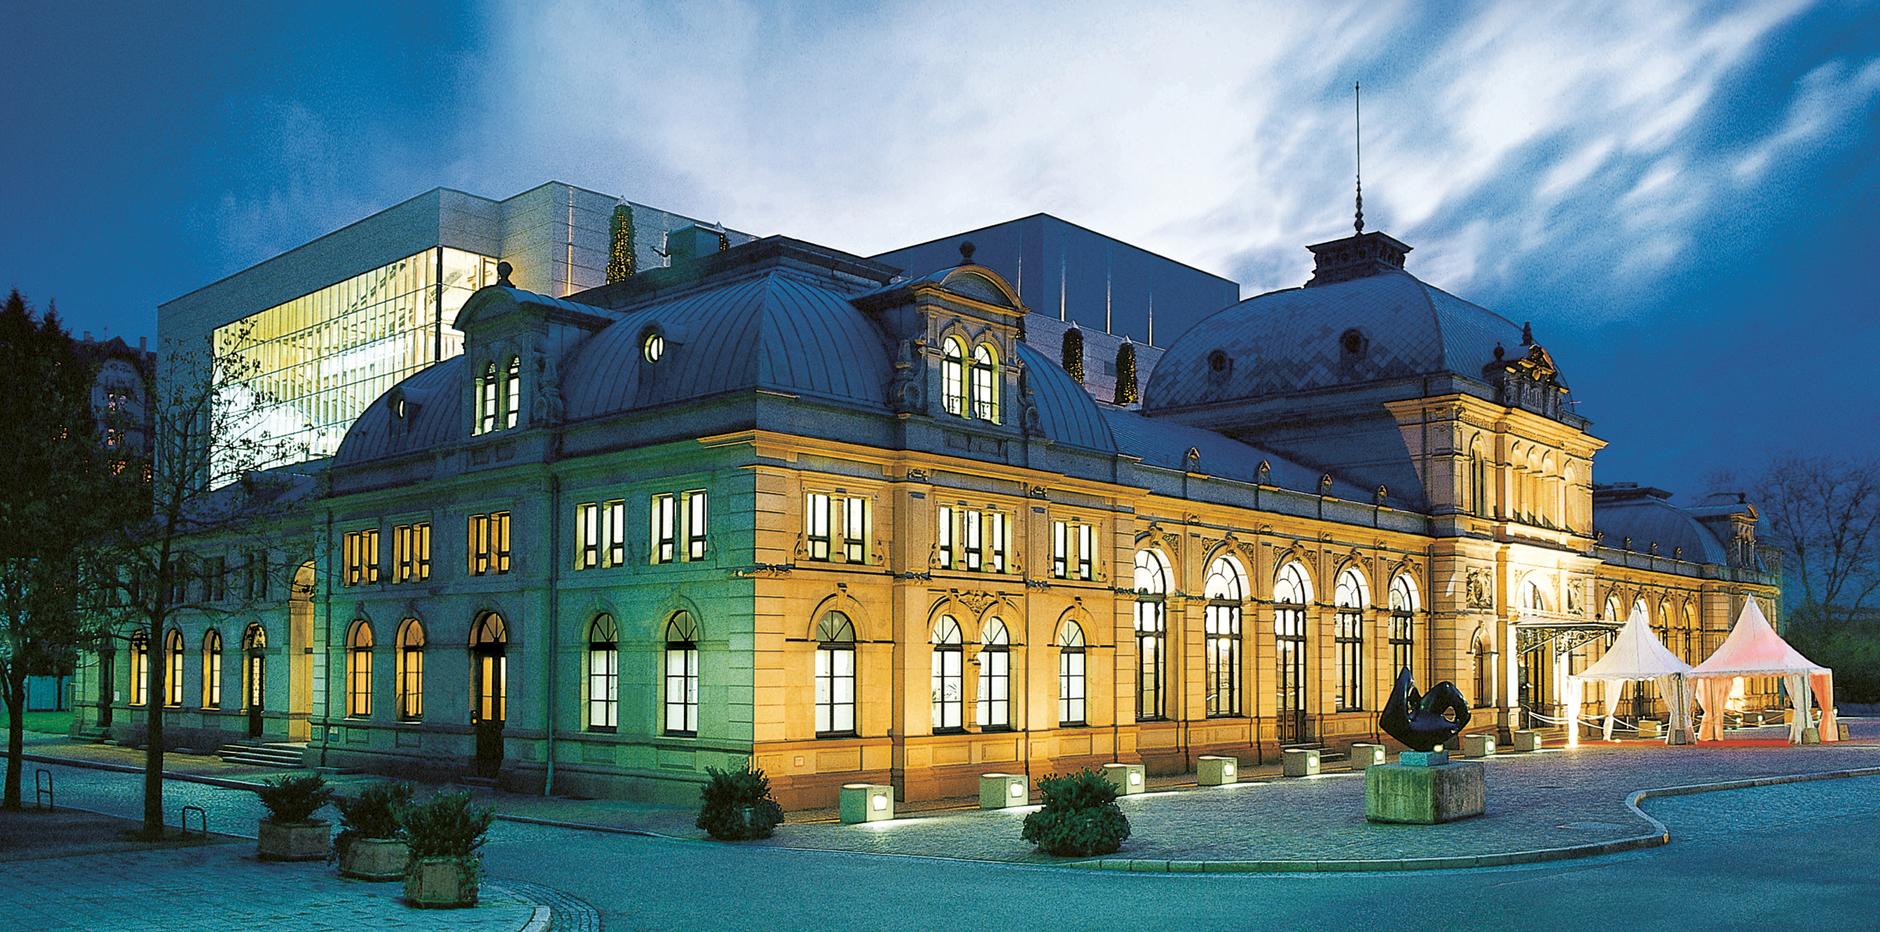 Baden Baden Festspielhaus Weihnachtsprogramm